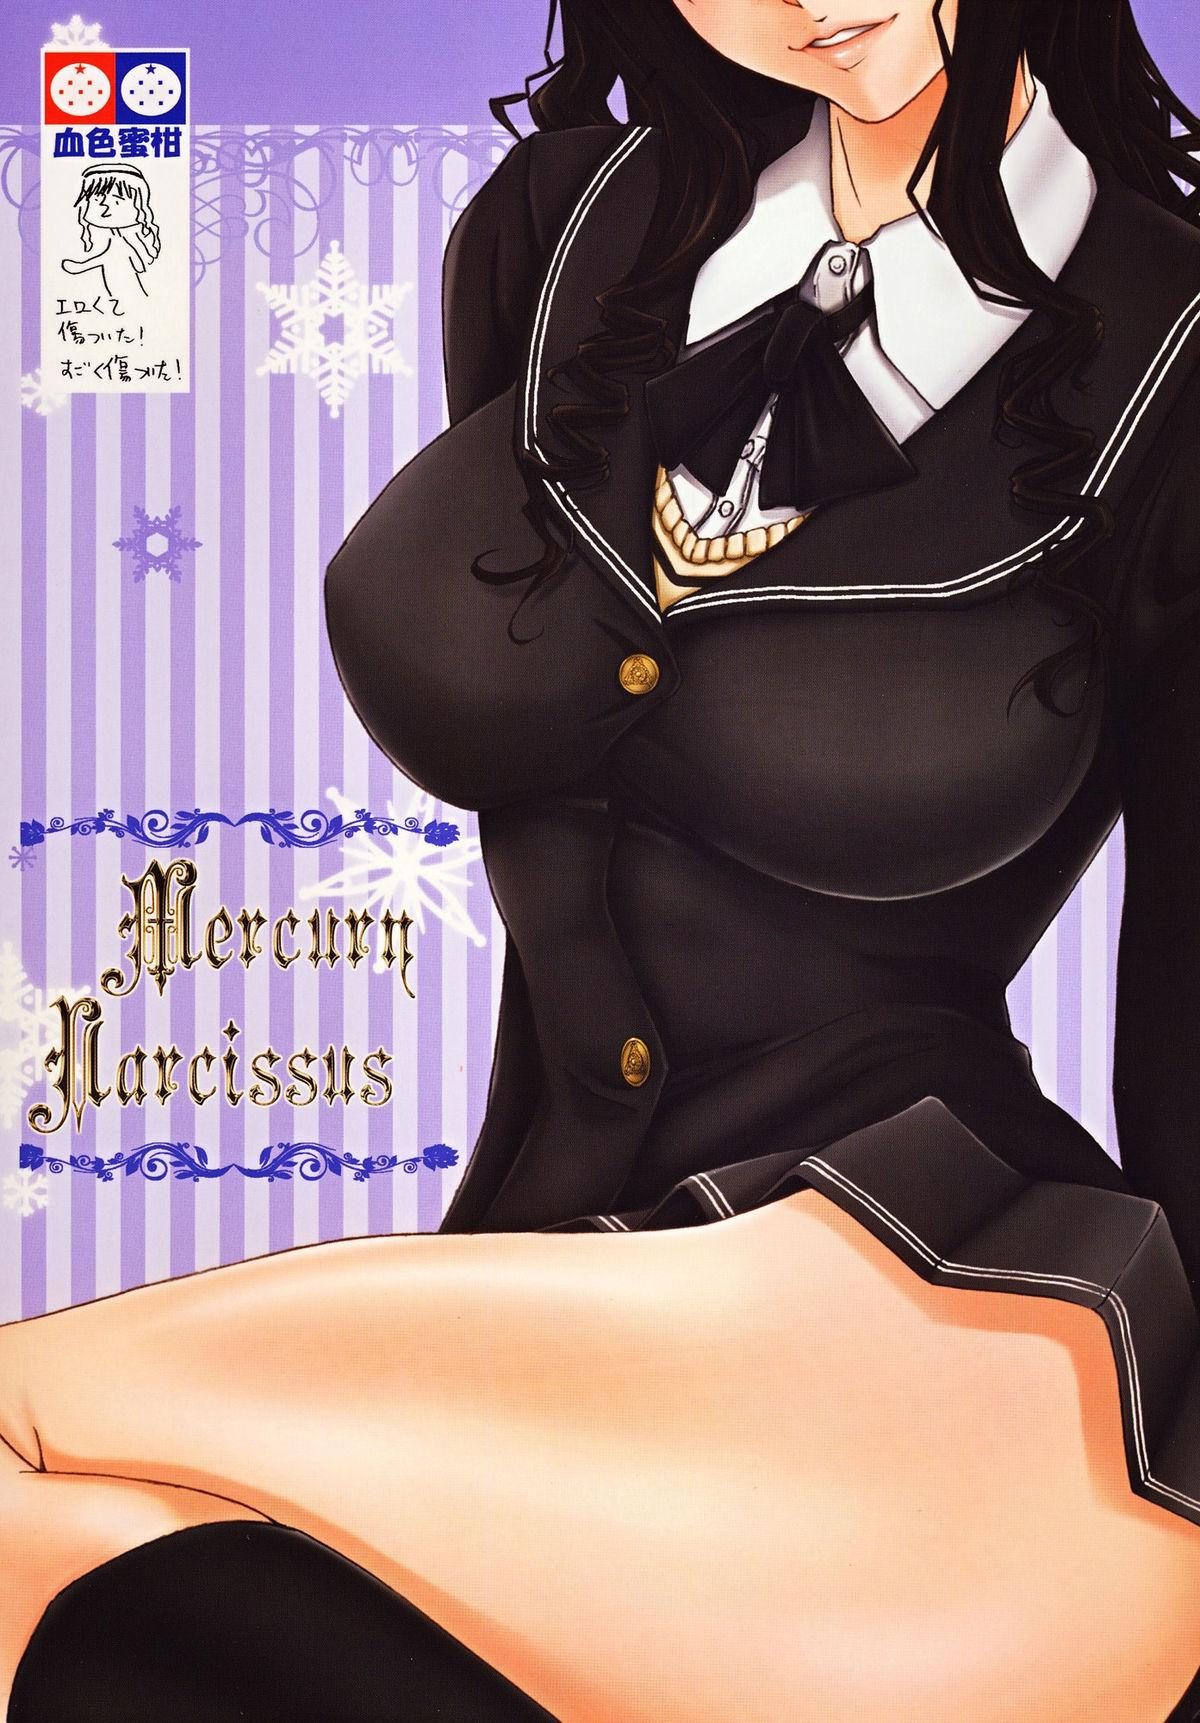 Mercury Narcissus 35